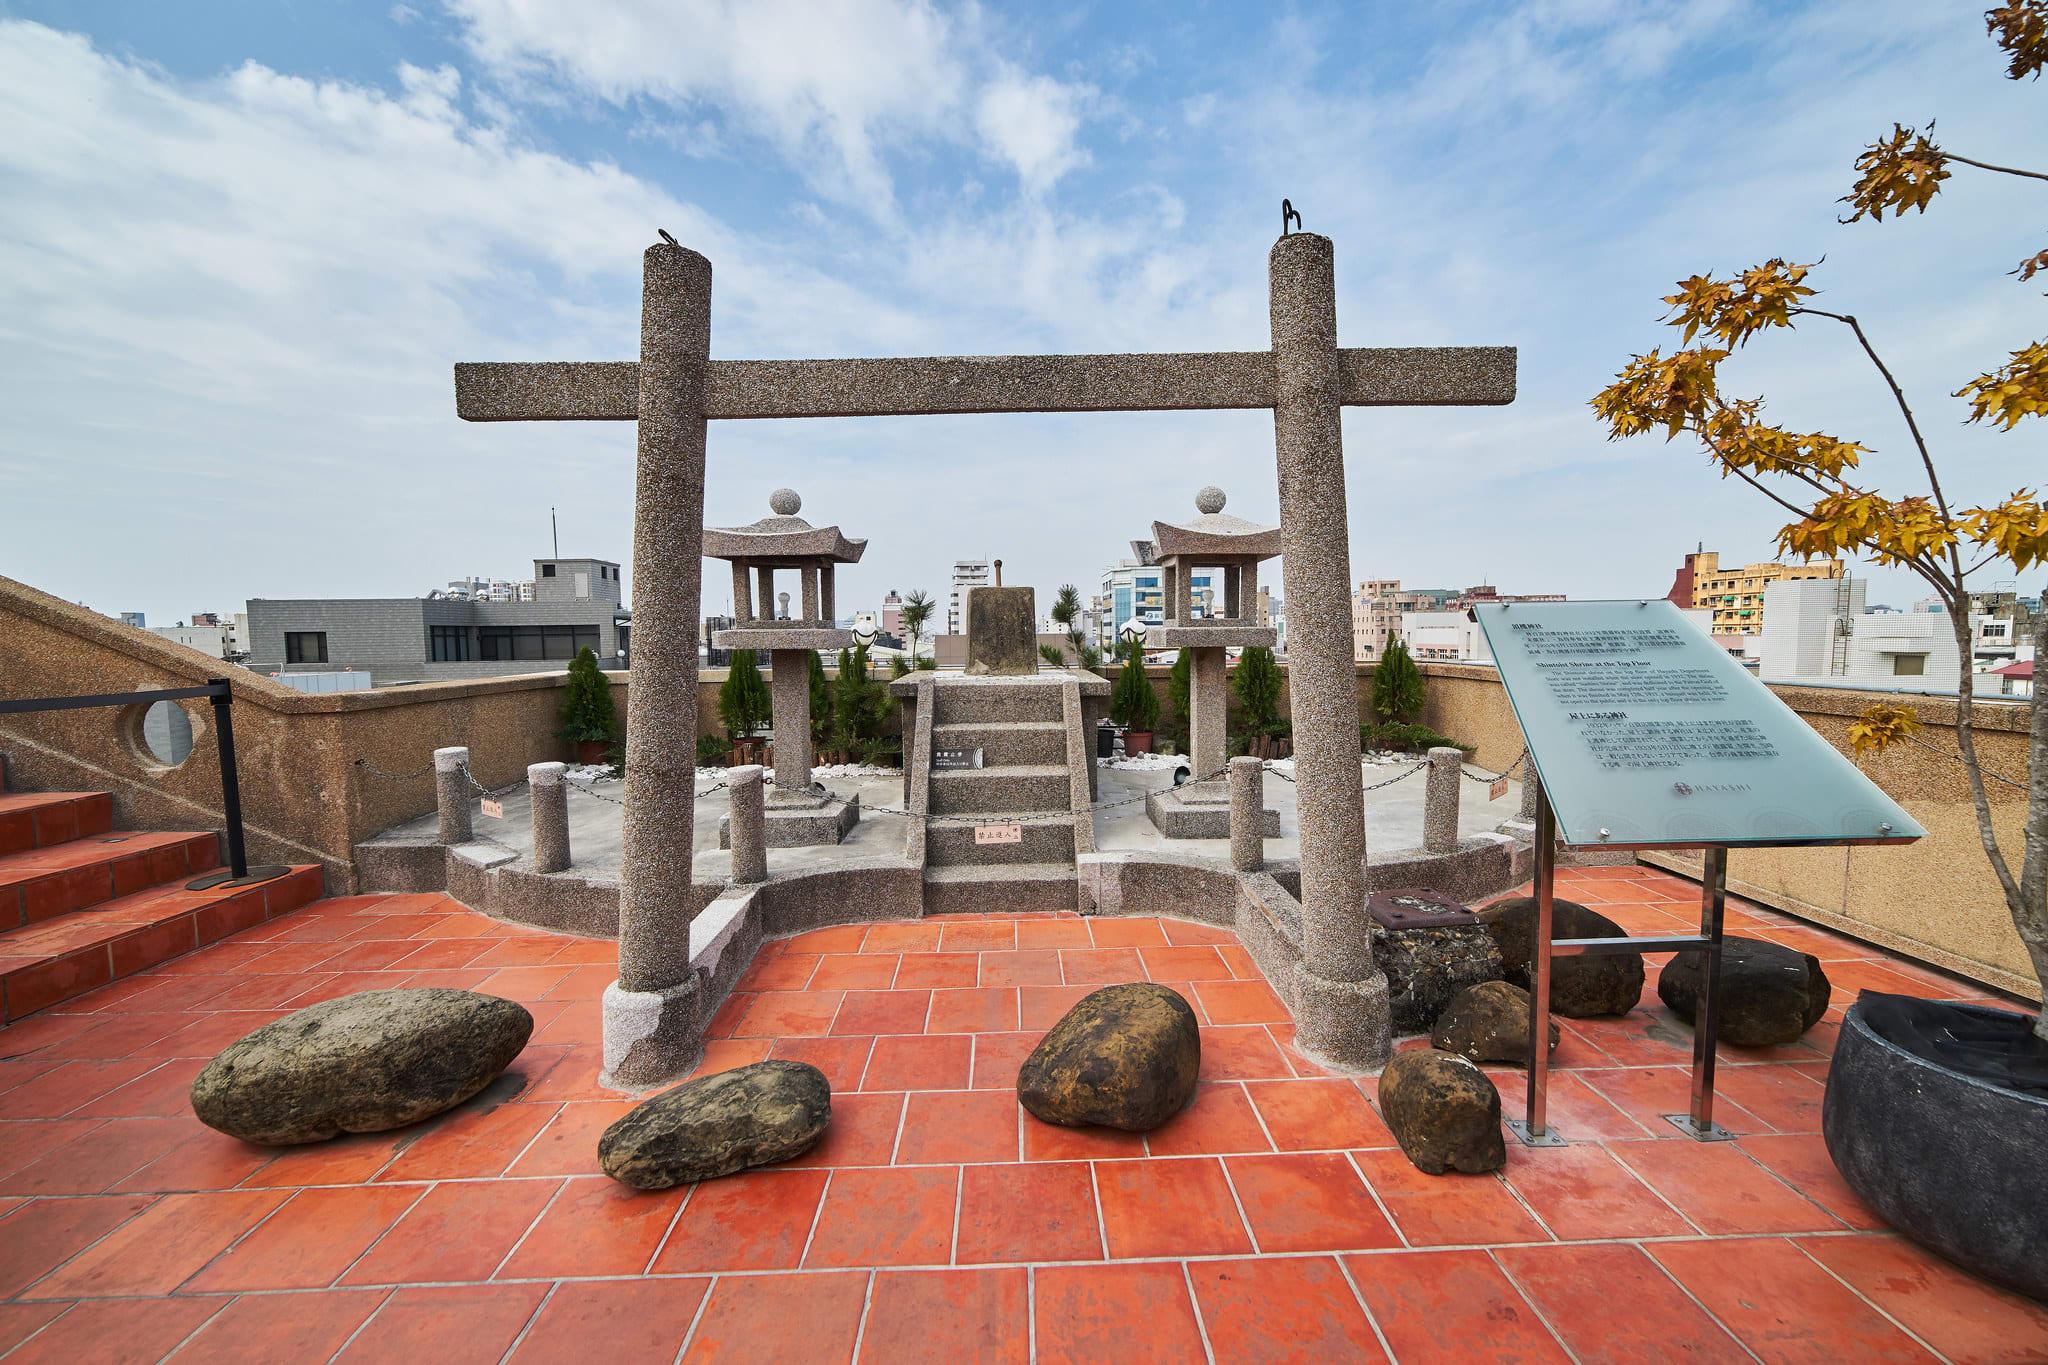 林百貨頂樓的日式神社遺跡。(Flickr授權作者-昀浚李)